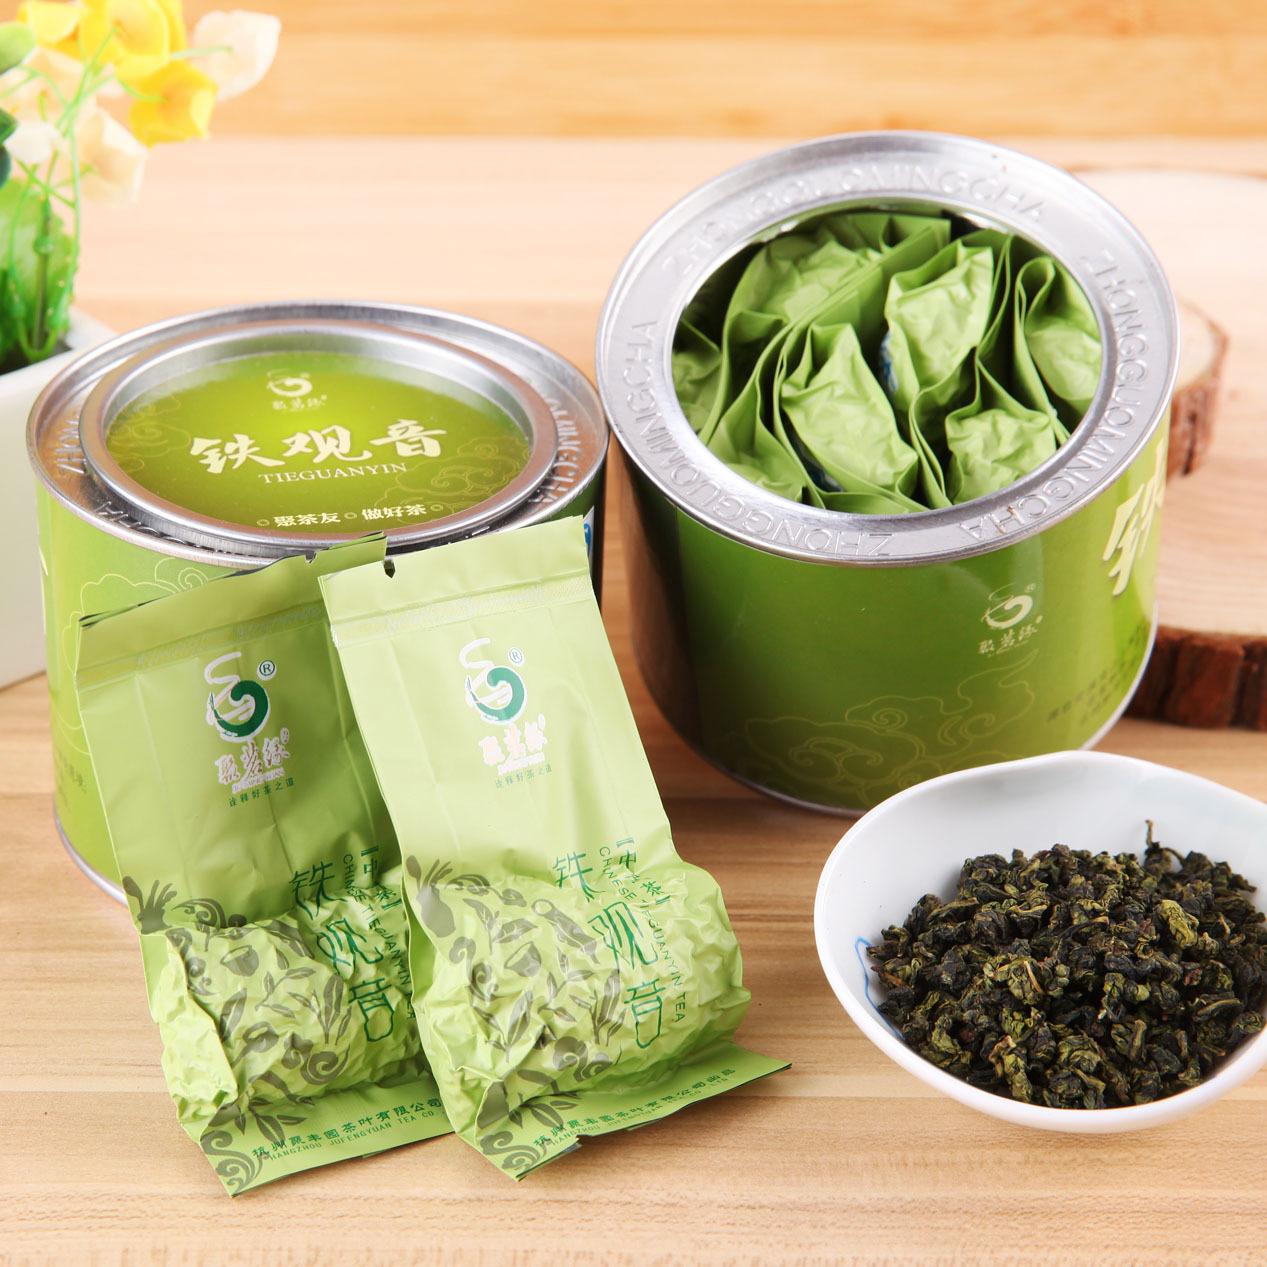 2015 Top Fashion Special Offer Sachet Dahongpao Da Hong Pao Green Tea Anxi Tieguanyin Tea Fragrance Fujian Oolong Super Powder(China (Mainland))